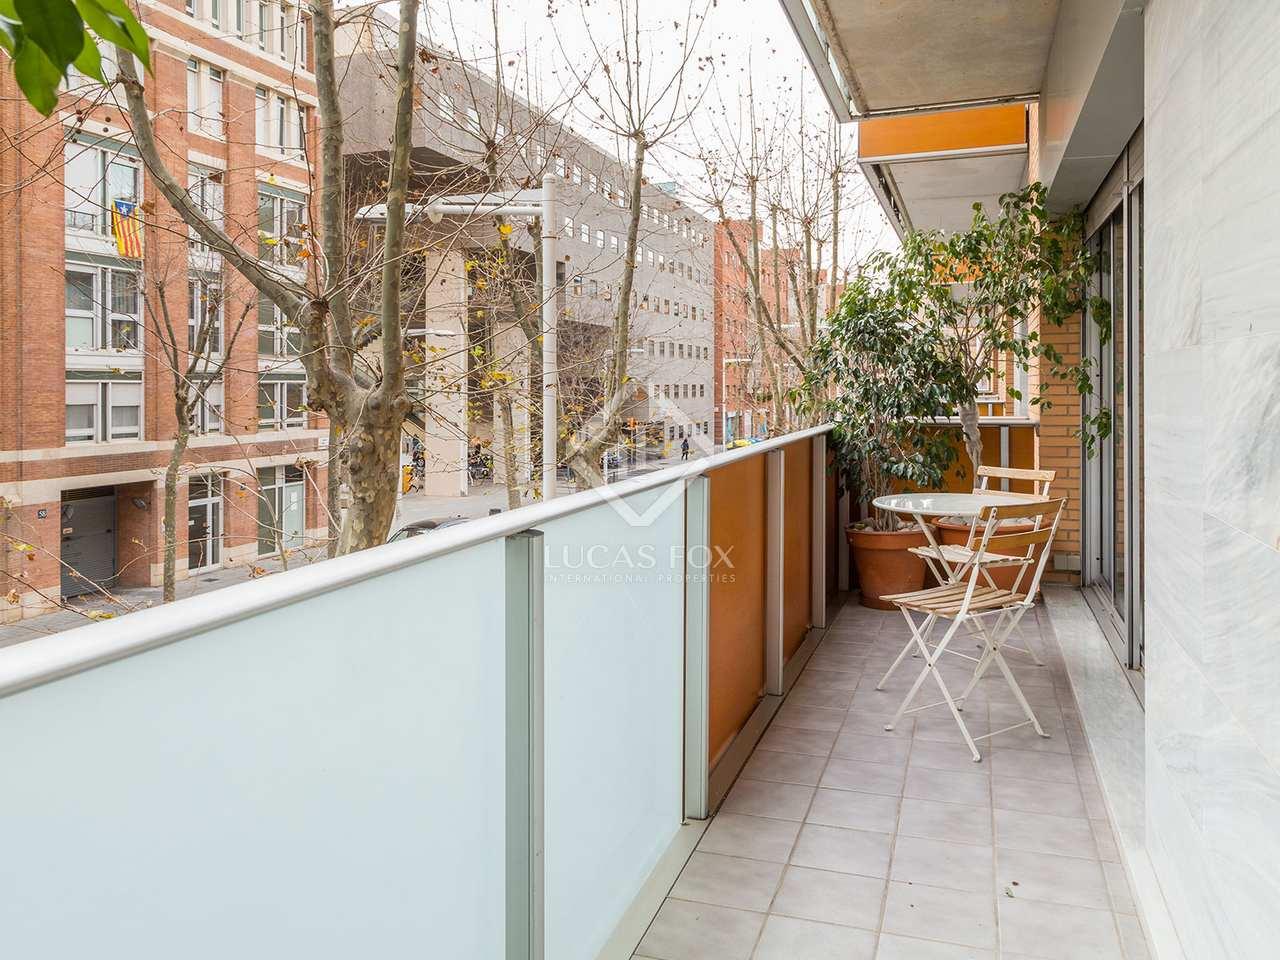 Appartement 4 pi ces vendre vila olimpica barcelone - Appartements a vendre a barcelone ...